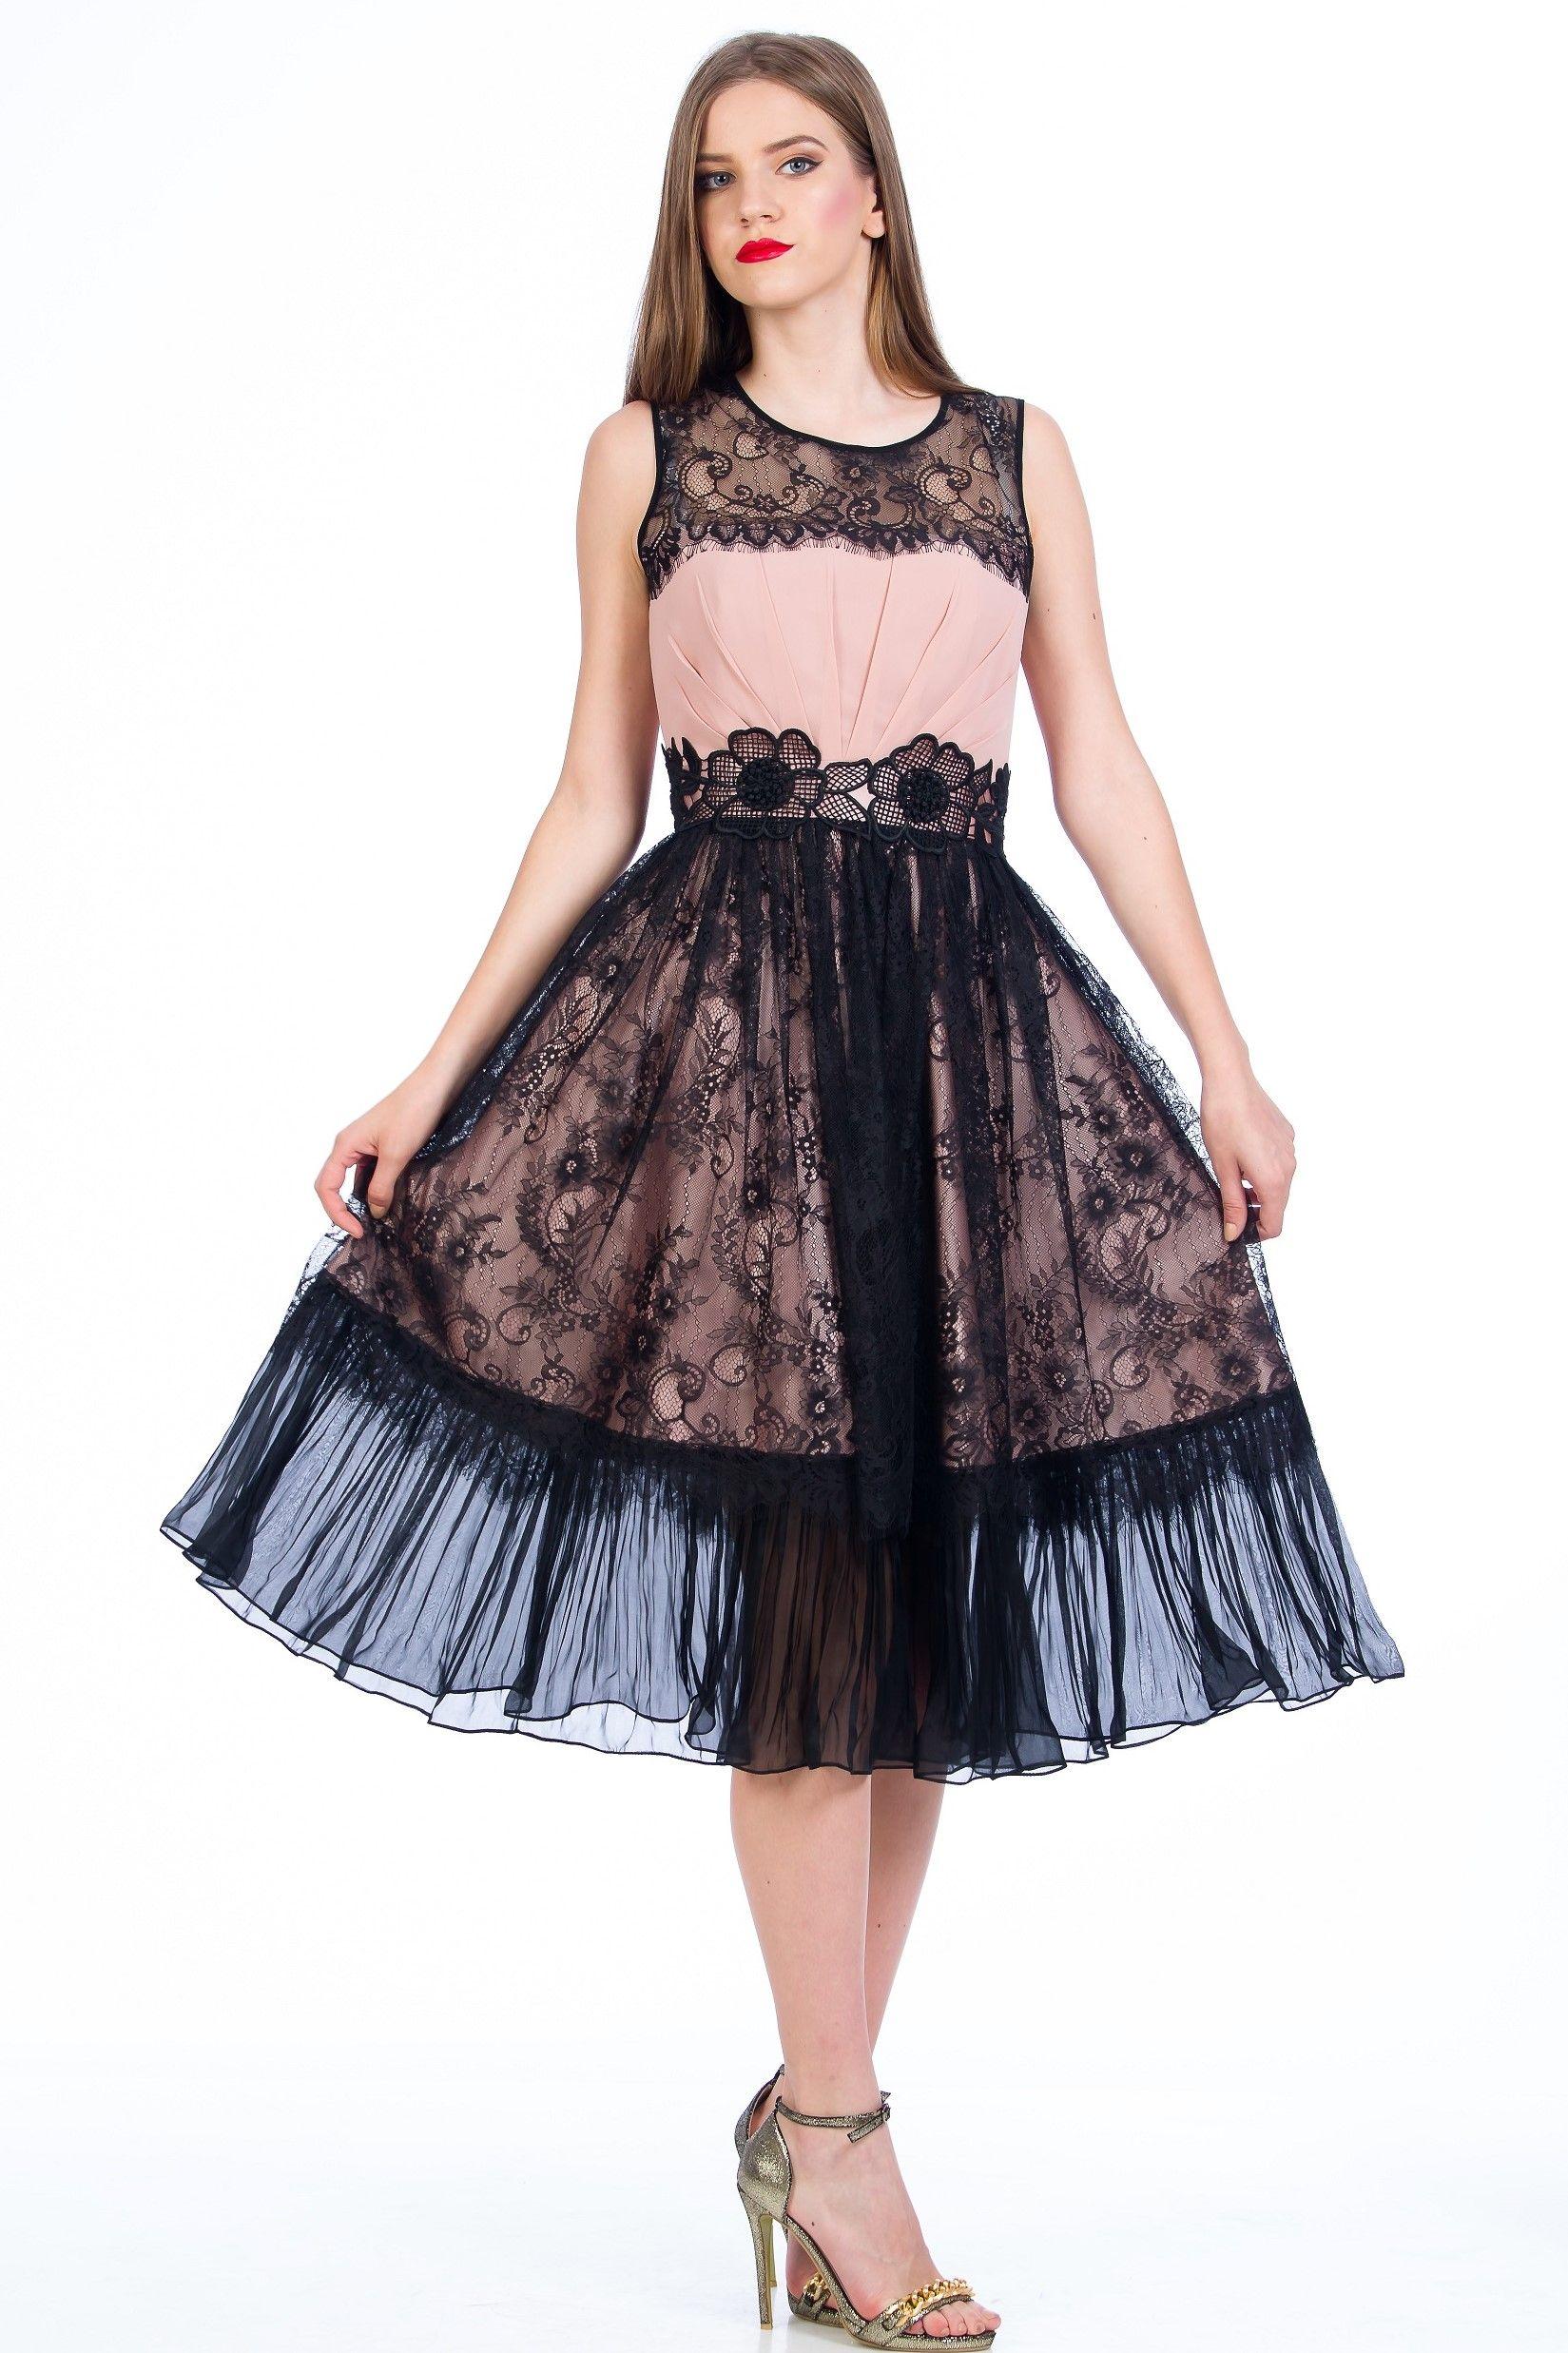 Pinck Black Lace Dress Midi Dress Elegant Dress Prom Dress